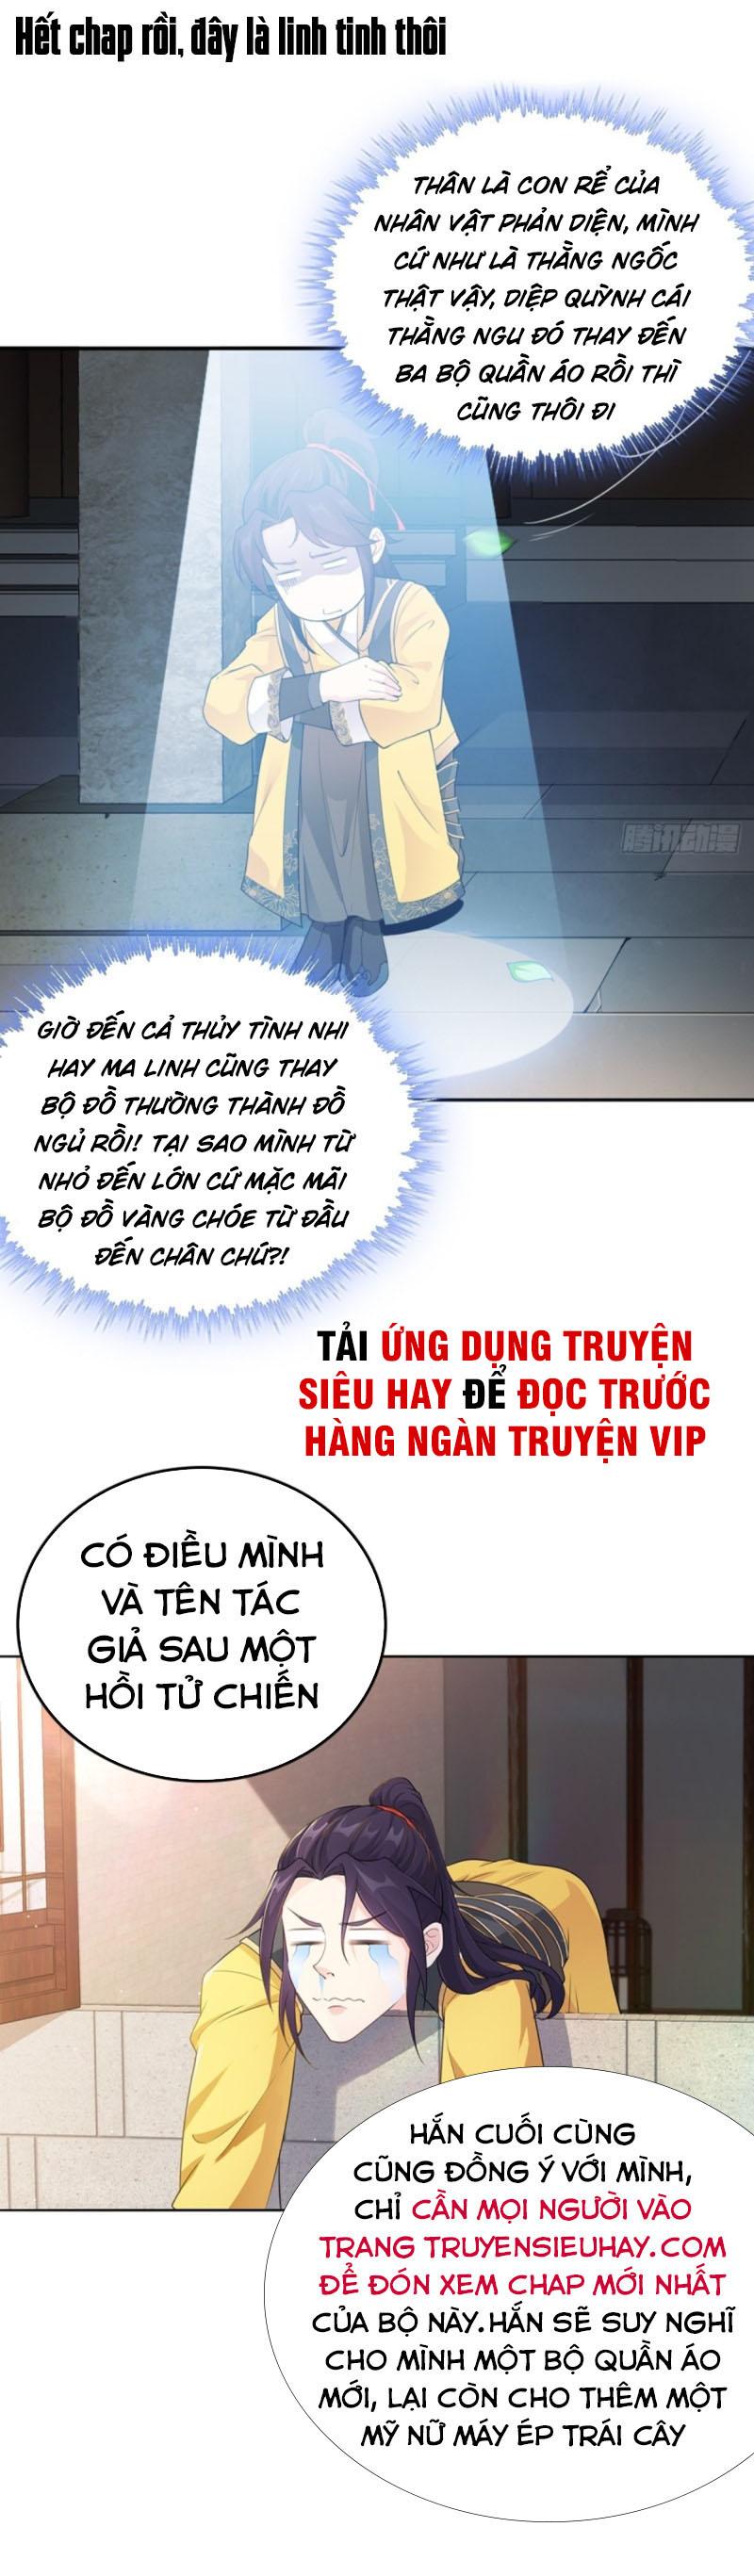 Người Ở Rể Bị Ép Thành Phản Diện Chương 84 - Truyentranhaz.net